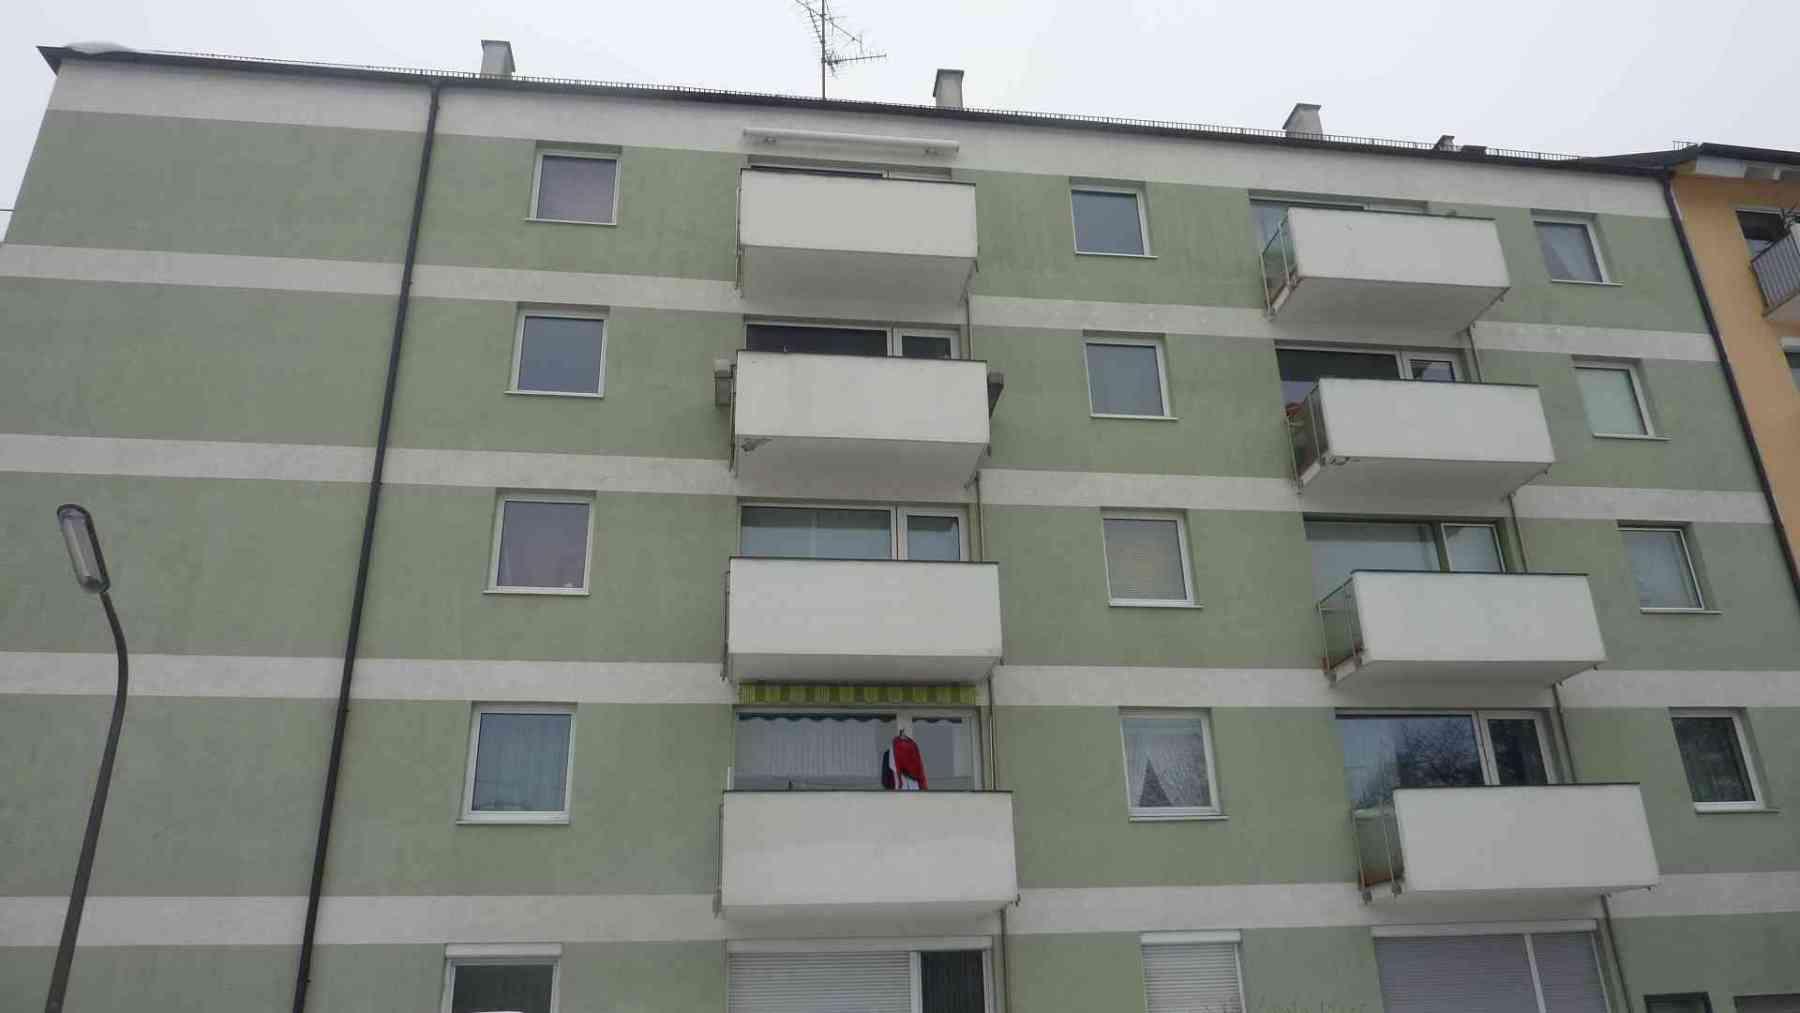 Balkon-Betoninstandsetzung-Muenchen-12